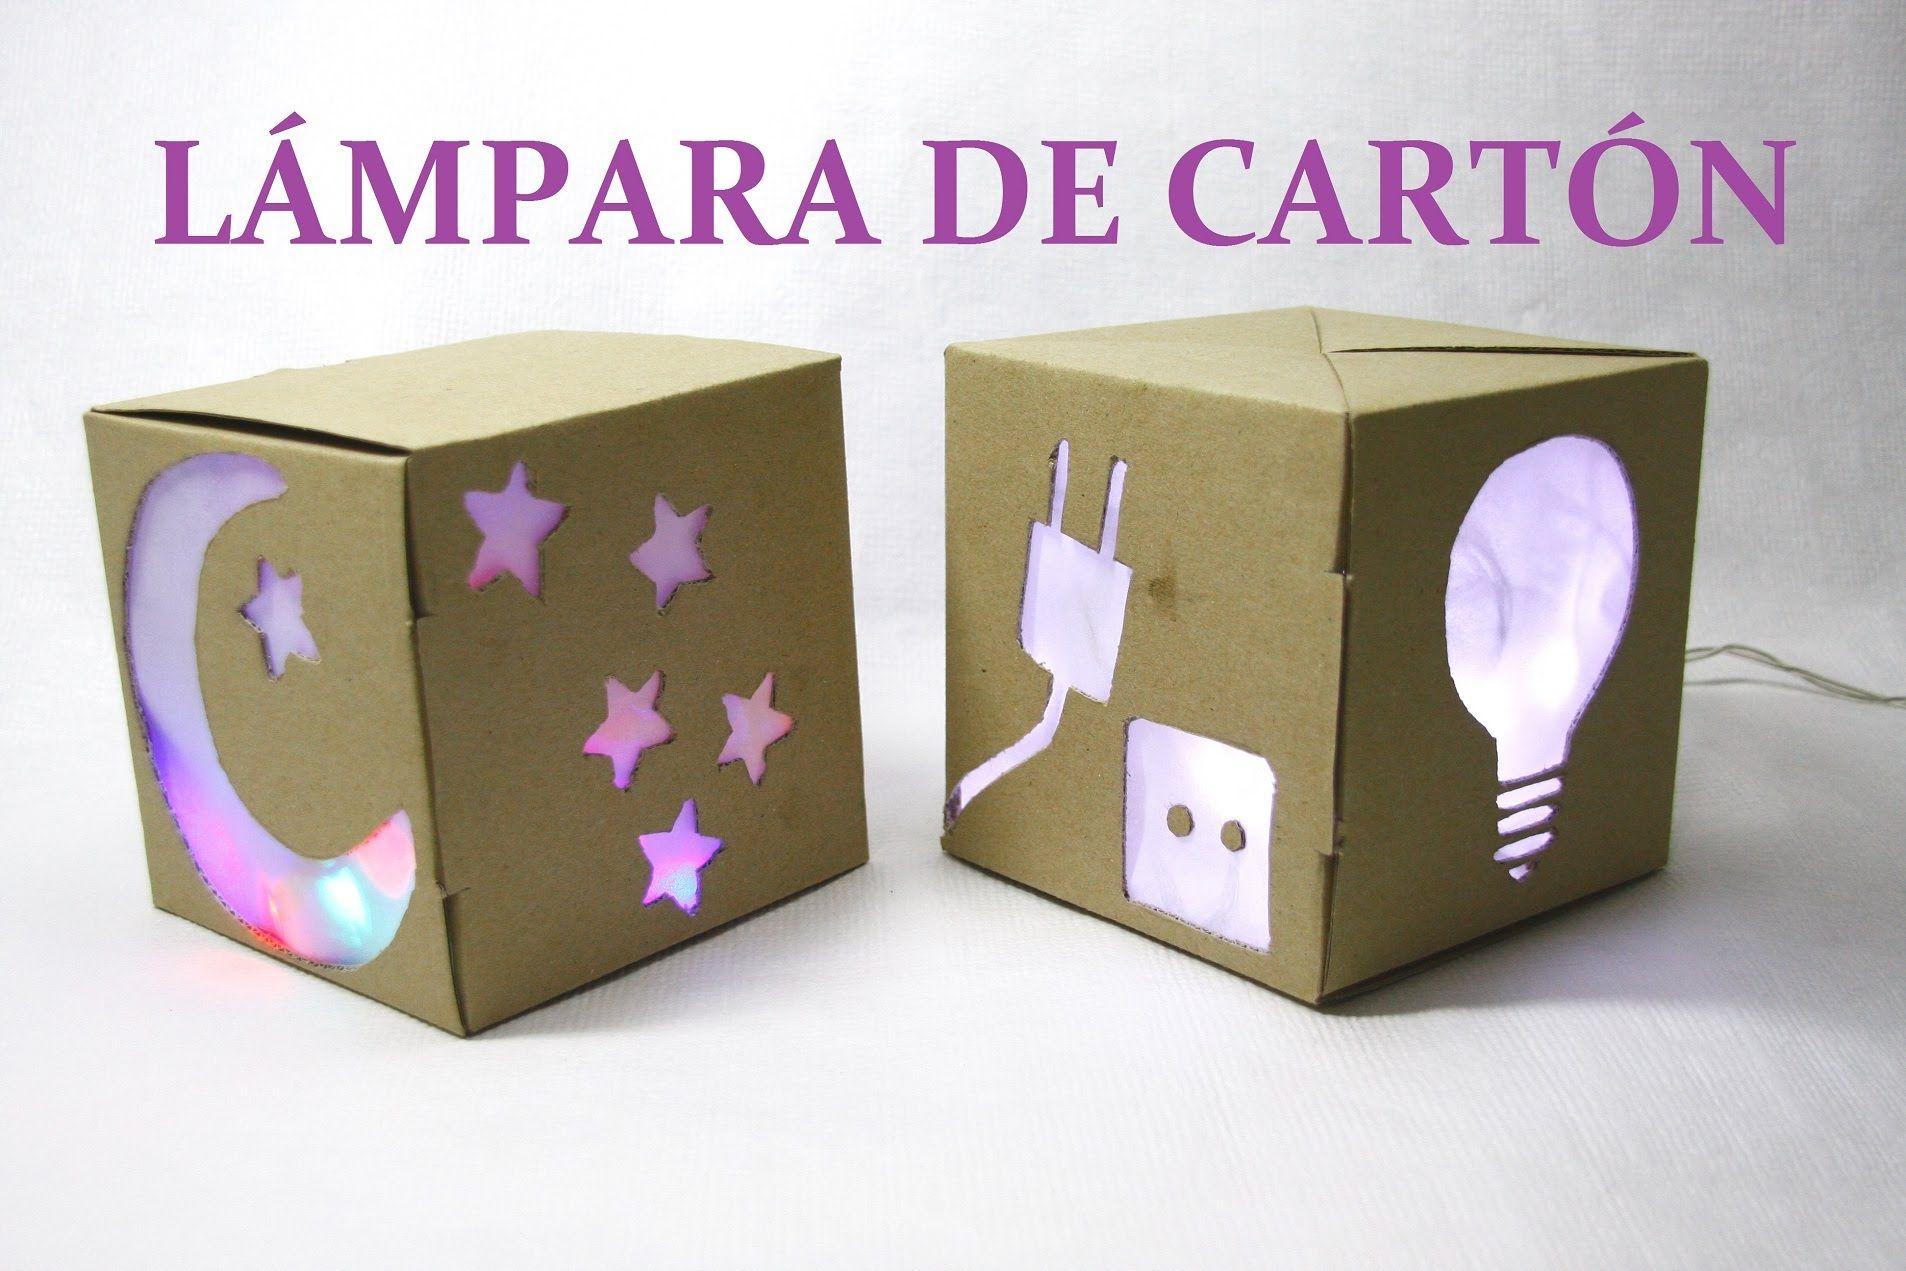 Diy L Mpara Con Caja De De Cart N Diy Lamp With Cardboard Box  ~ Cajas De Carton Decorativas Grandes